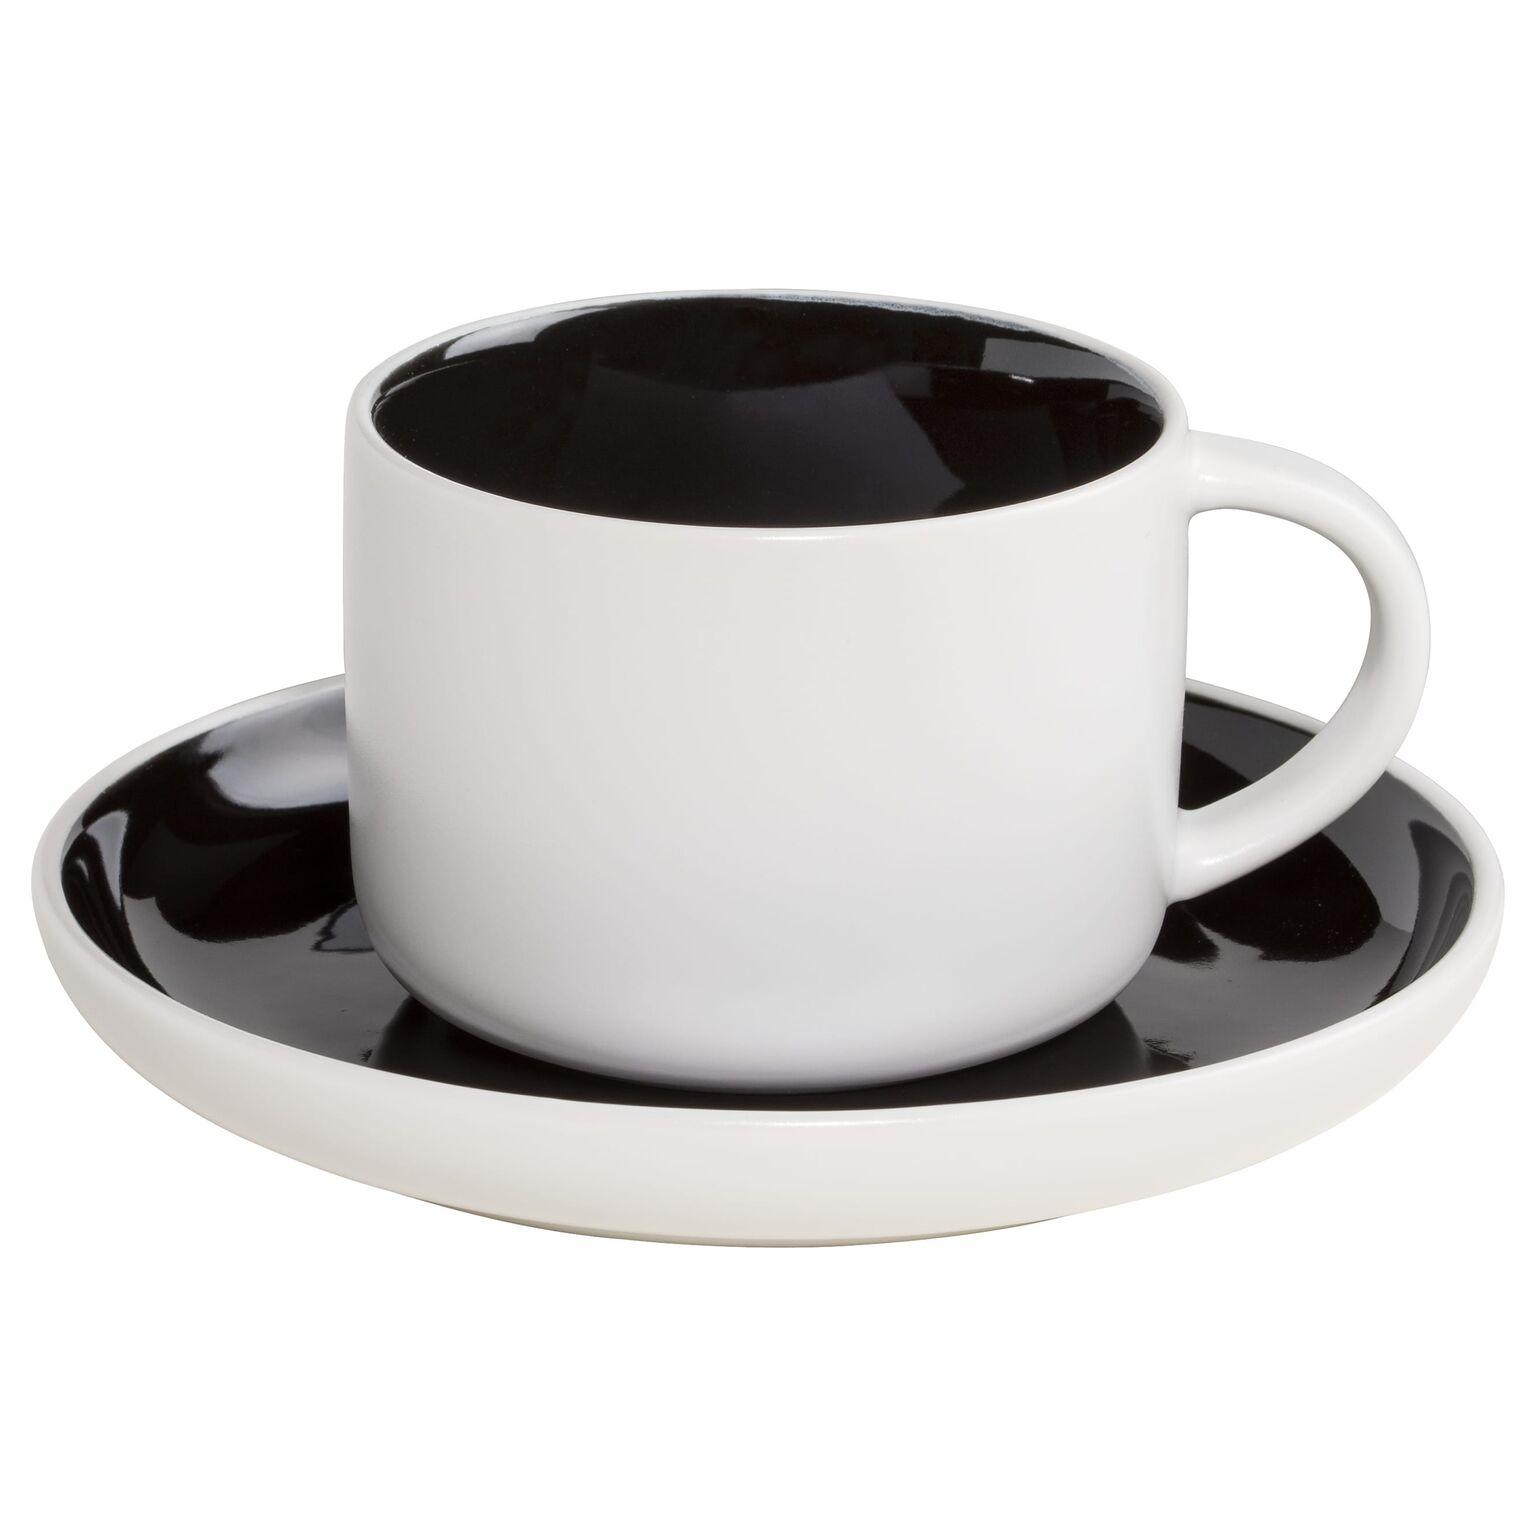 3670e24e Filiżanka do kawy Tint, czarna, pojemność 240 ml